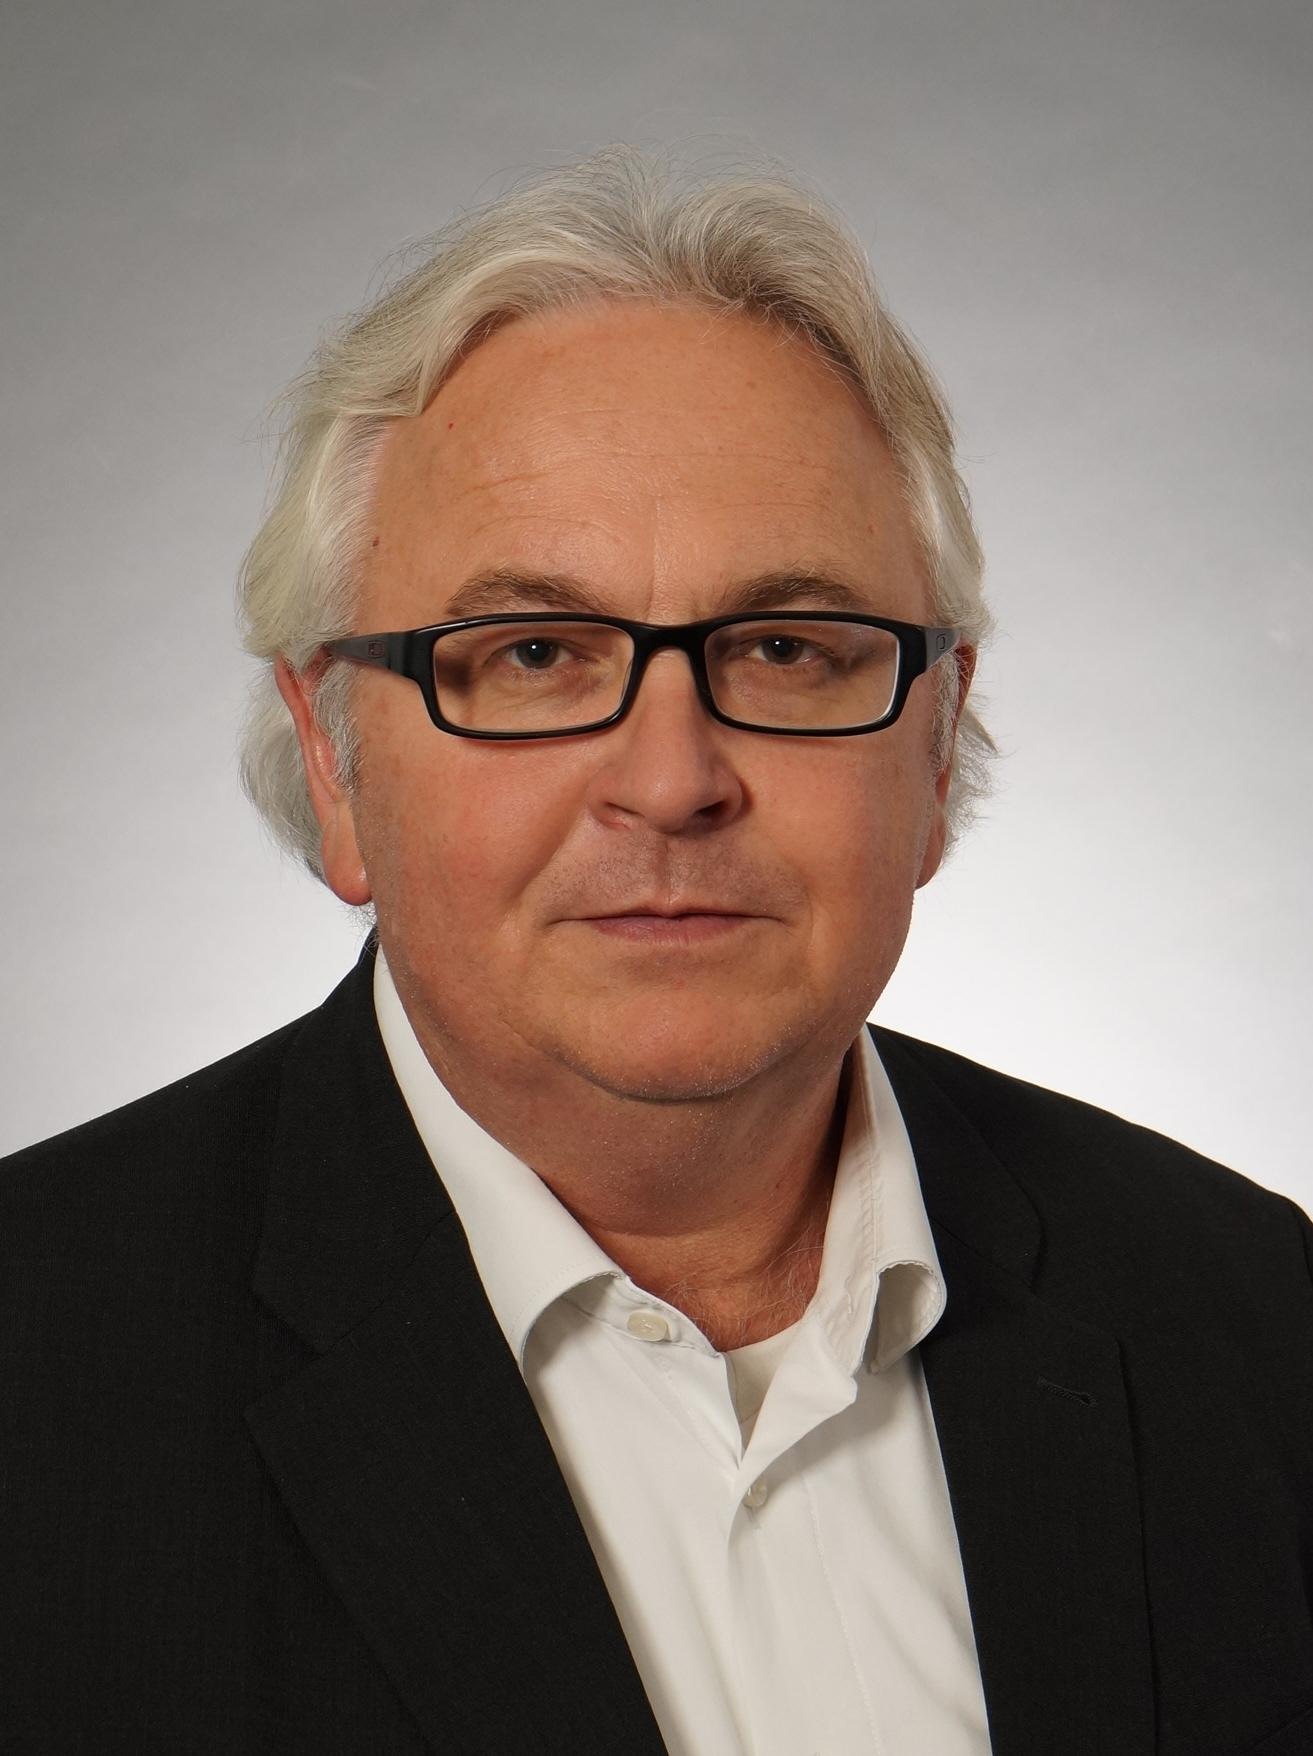 Peter Lembke